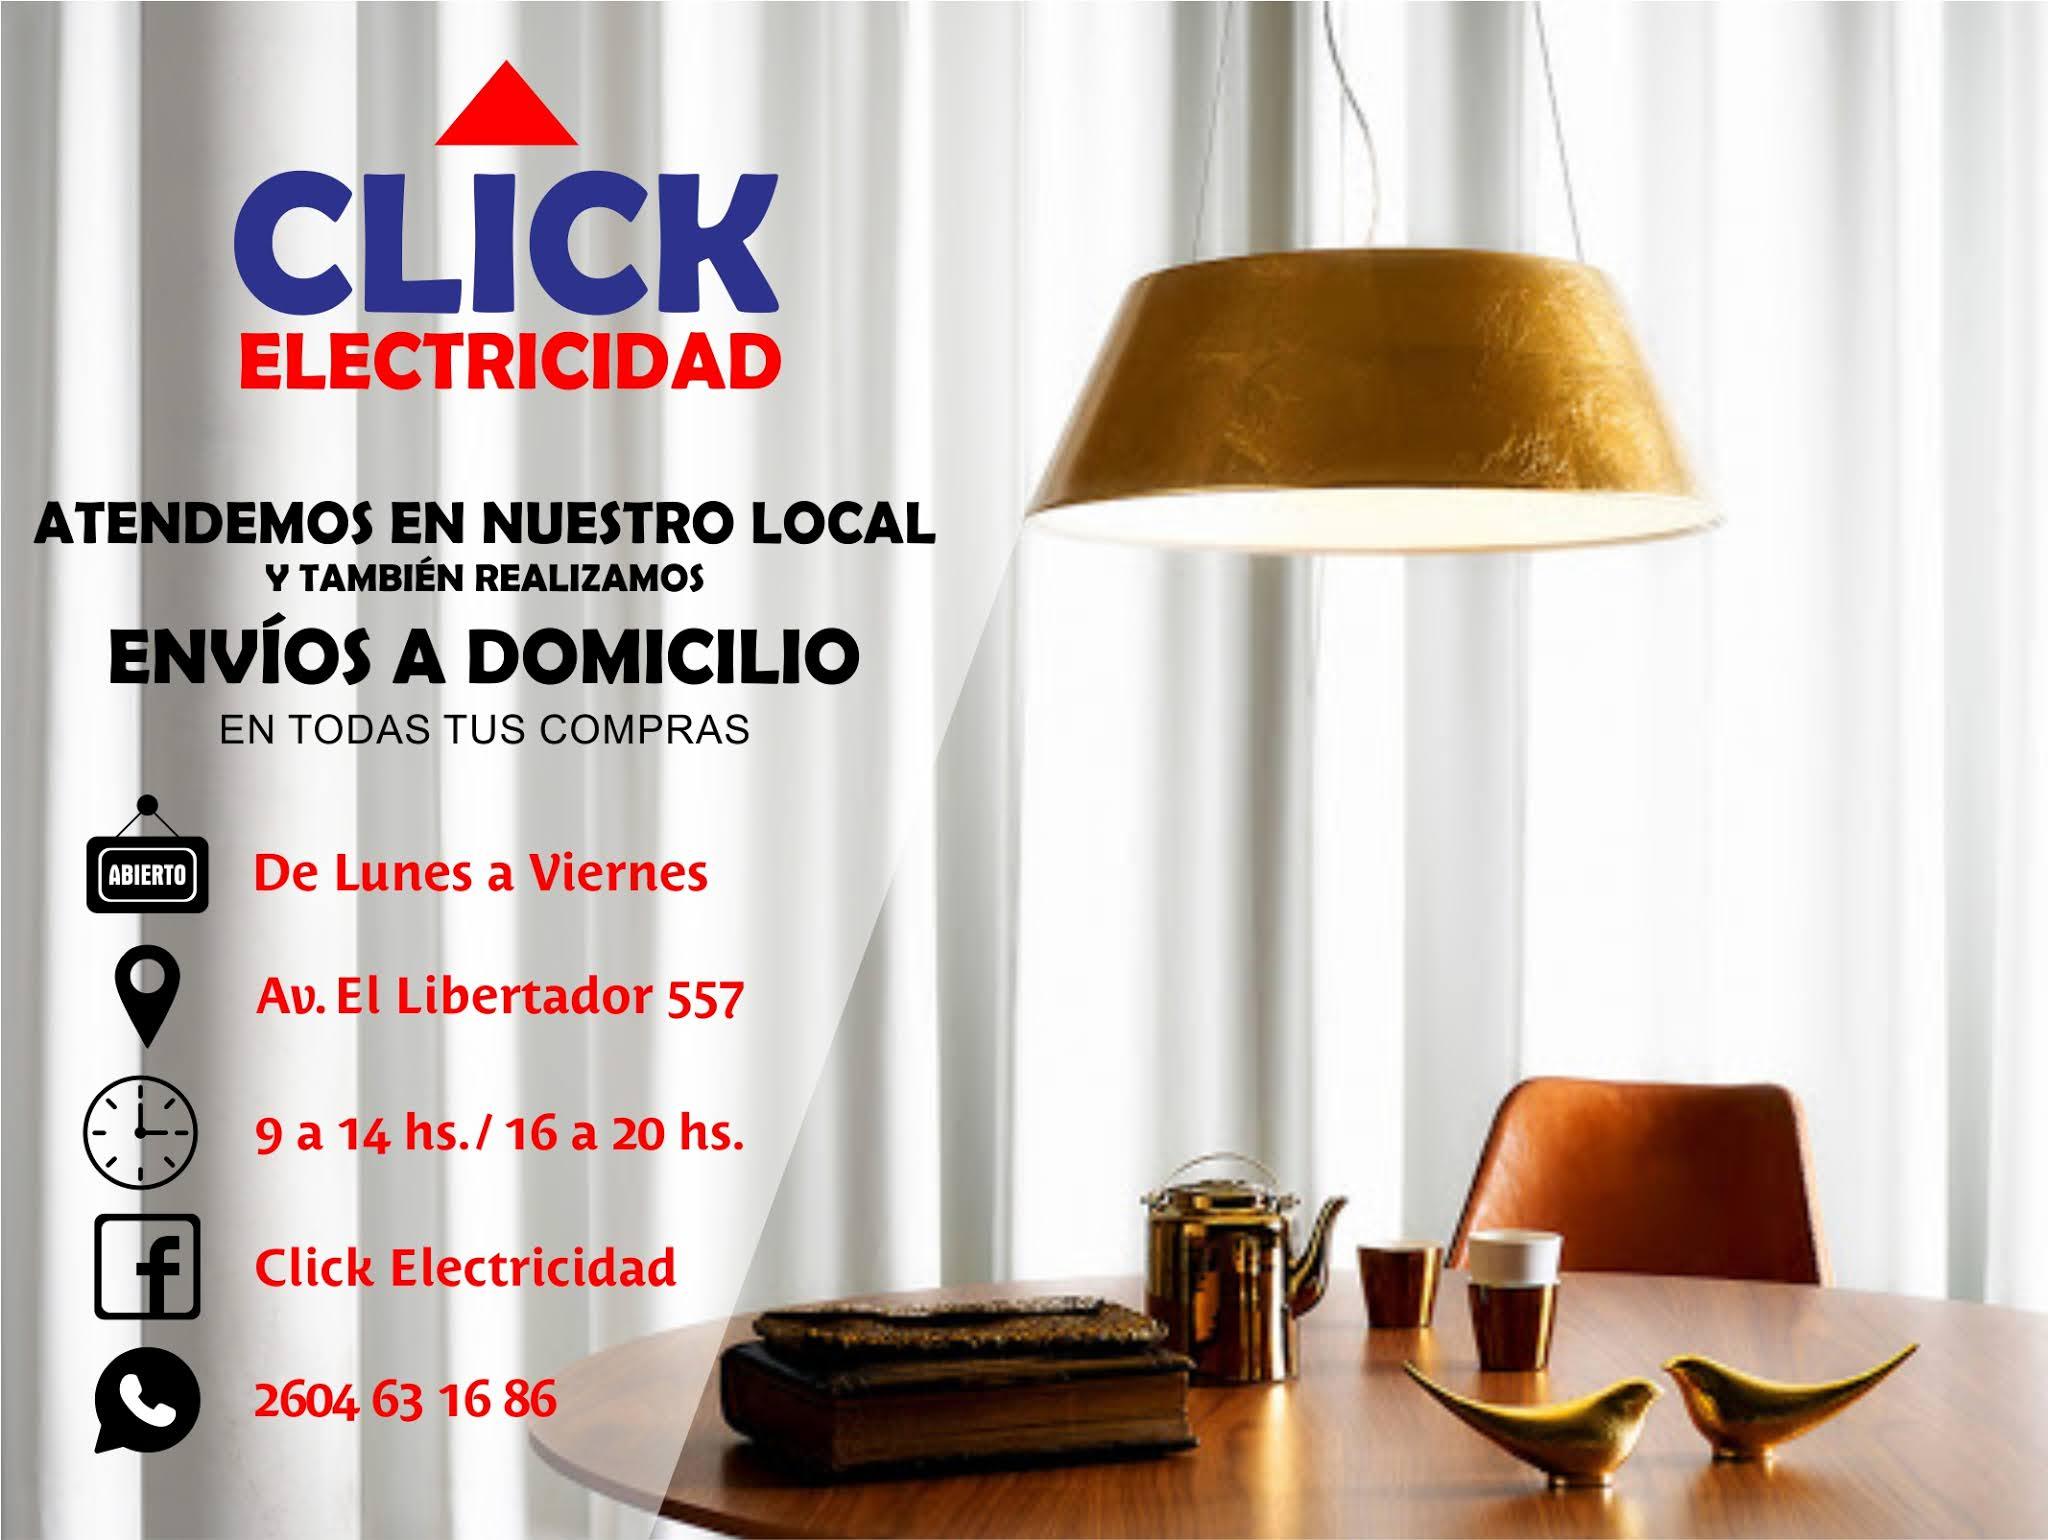 CLICK ELECTRICIDAD